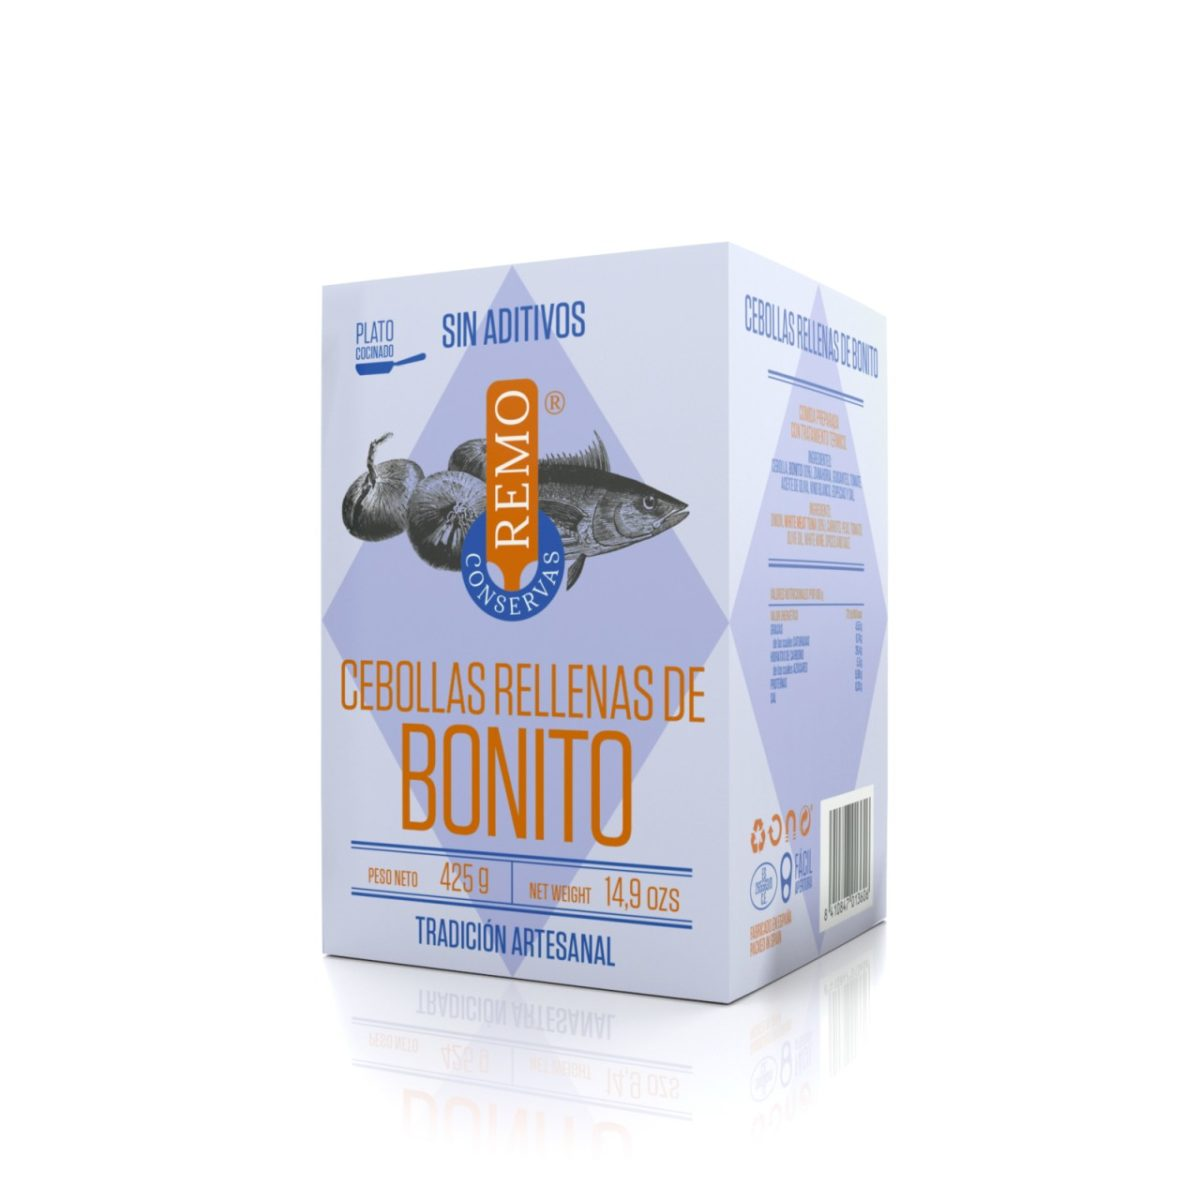 Cebollas rellenas de Bonito de Conservas Remo, platos cocinados de Asturias, Gorfolí tienda online de productos gourmet asturianos